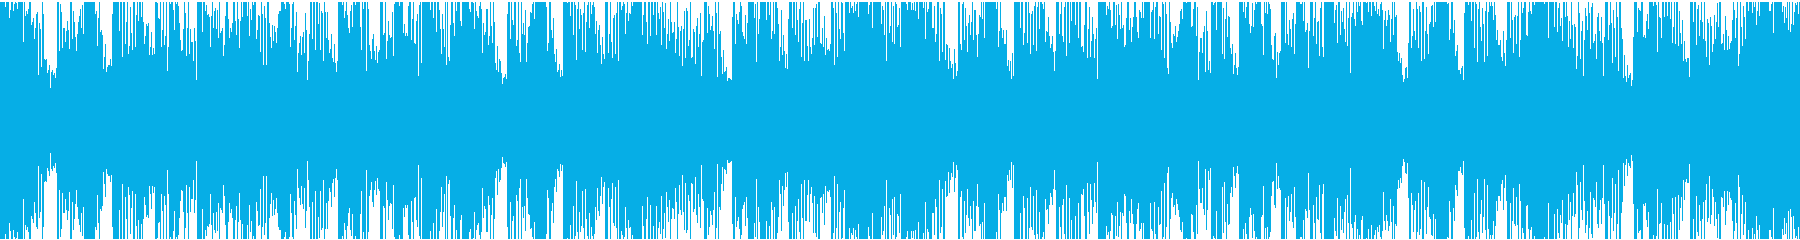 電気研究所技術発見のテーマ。ハイテ...の再生済みの波形